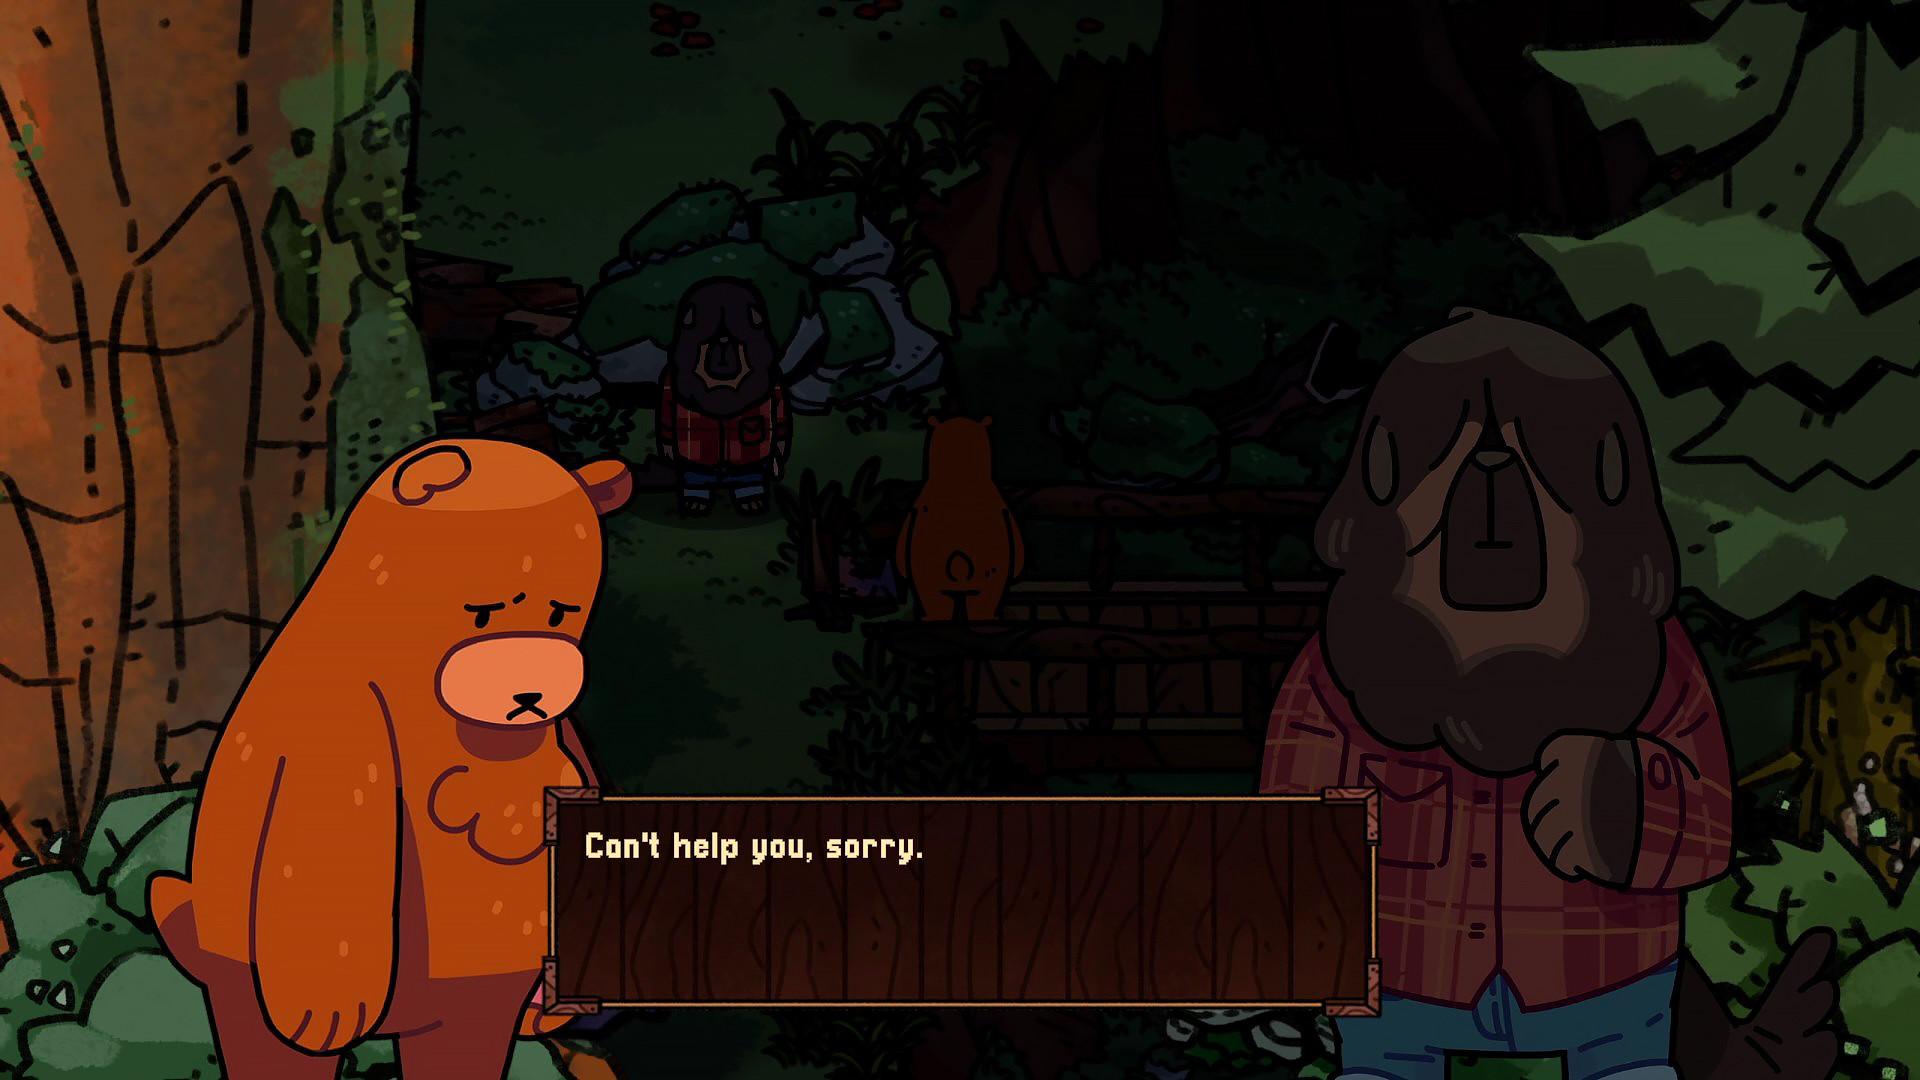 独立游戏《熊与早餐》跳票至2022年 将登陆NS和Steam